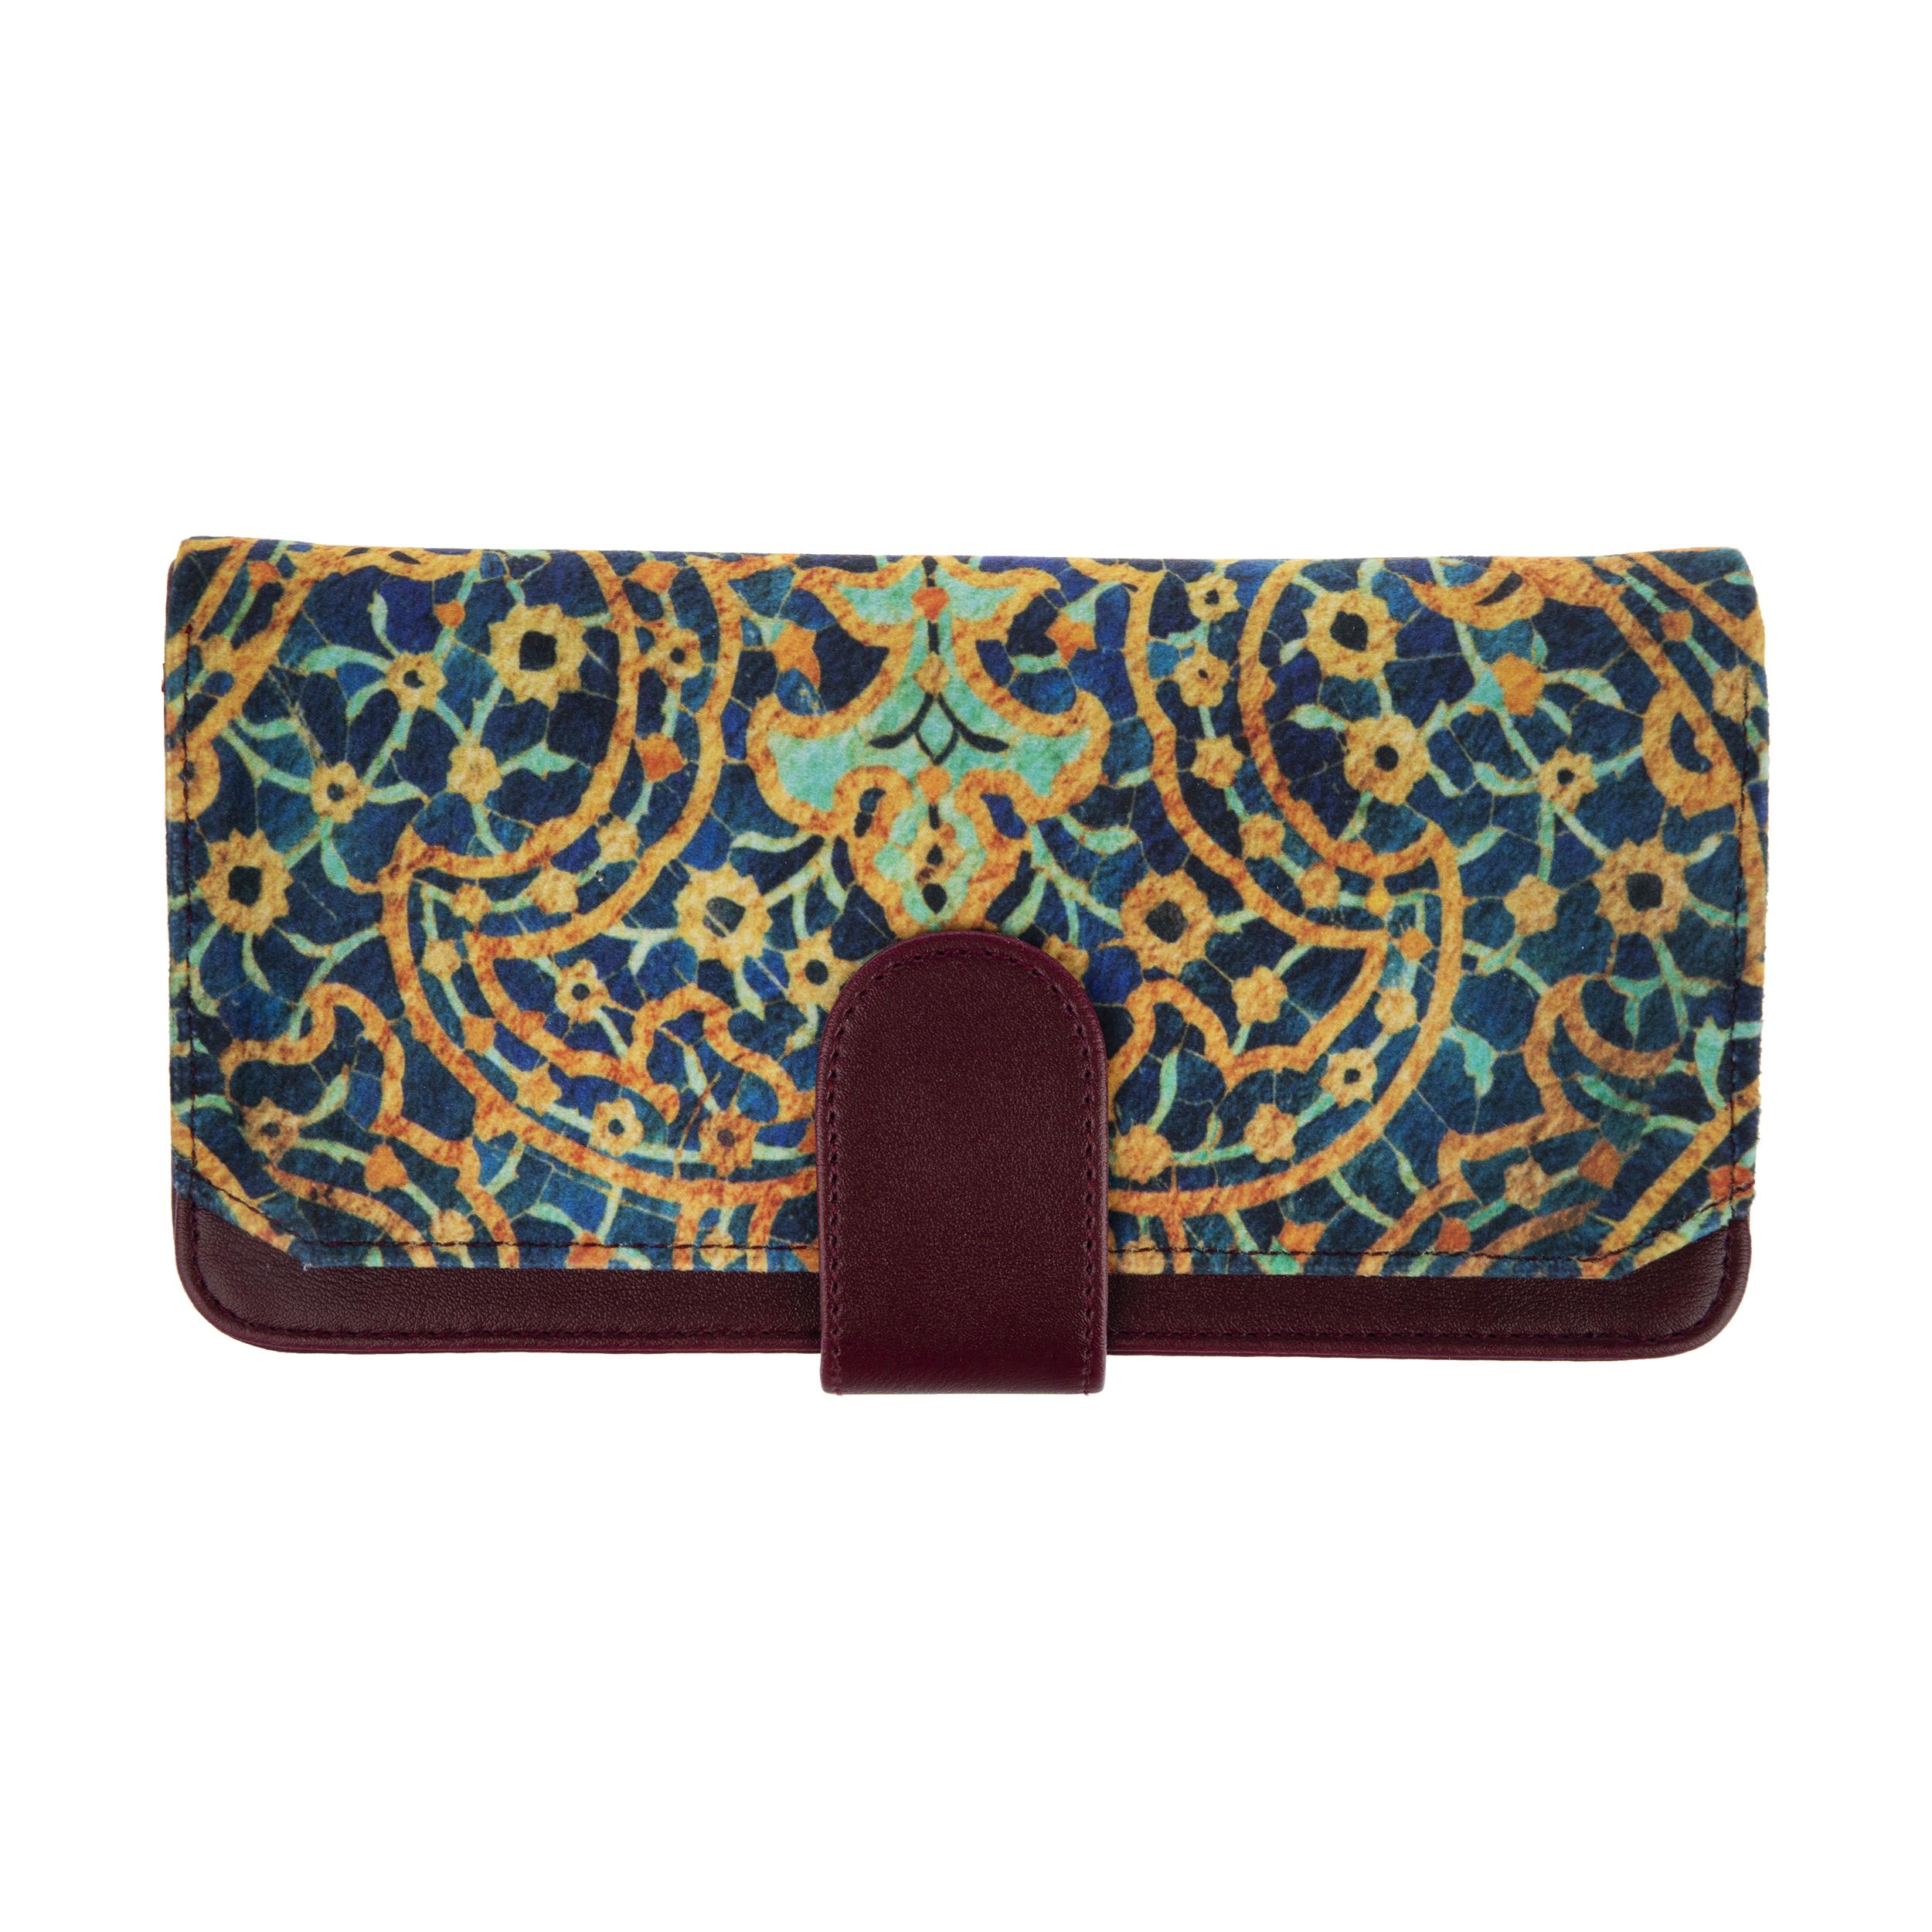 کیف پول زنانه میو مدل MWD206